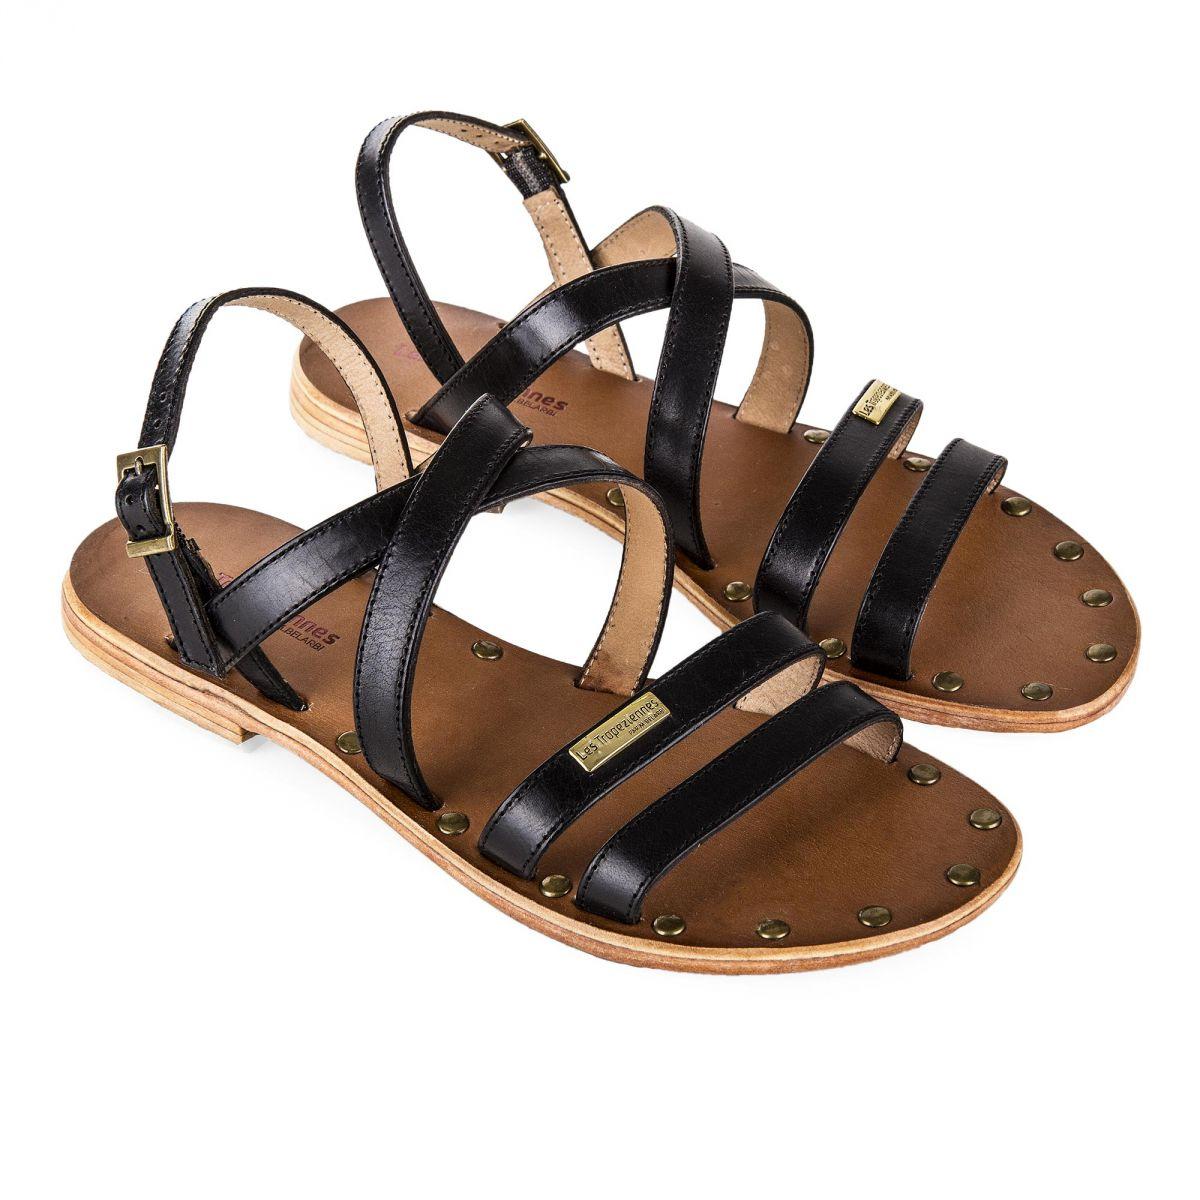 chaussures élégantes promotion spéciale Prix de gros 2019 Sandales en cuir femme HELIOS LES TROPEZIENNES à prix dégriffé !